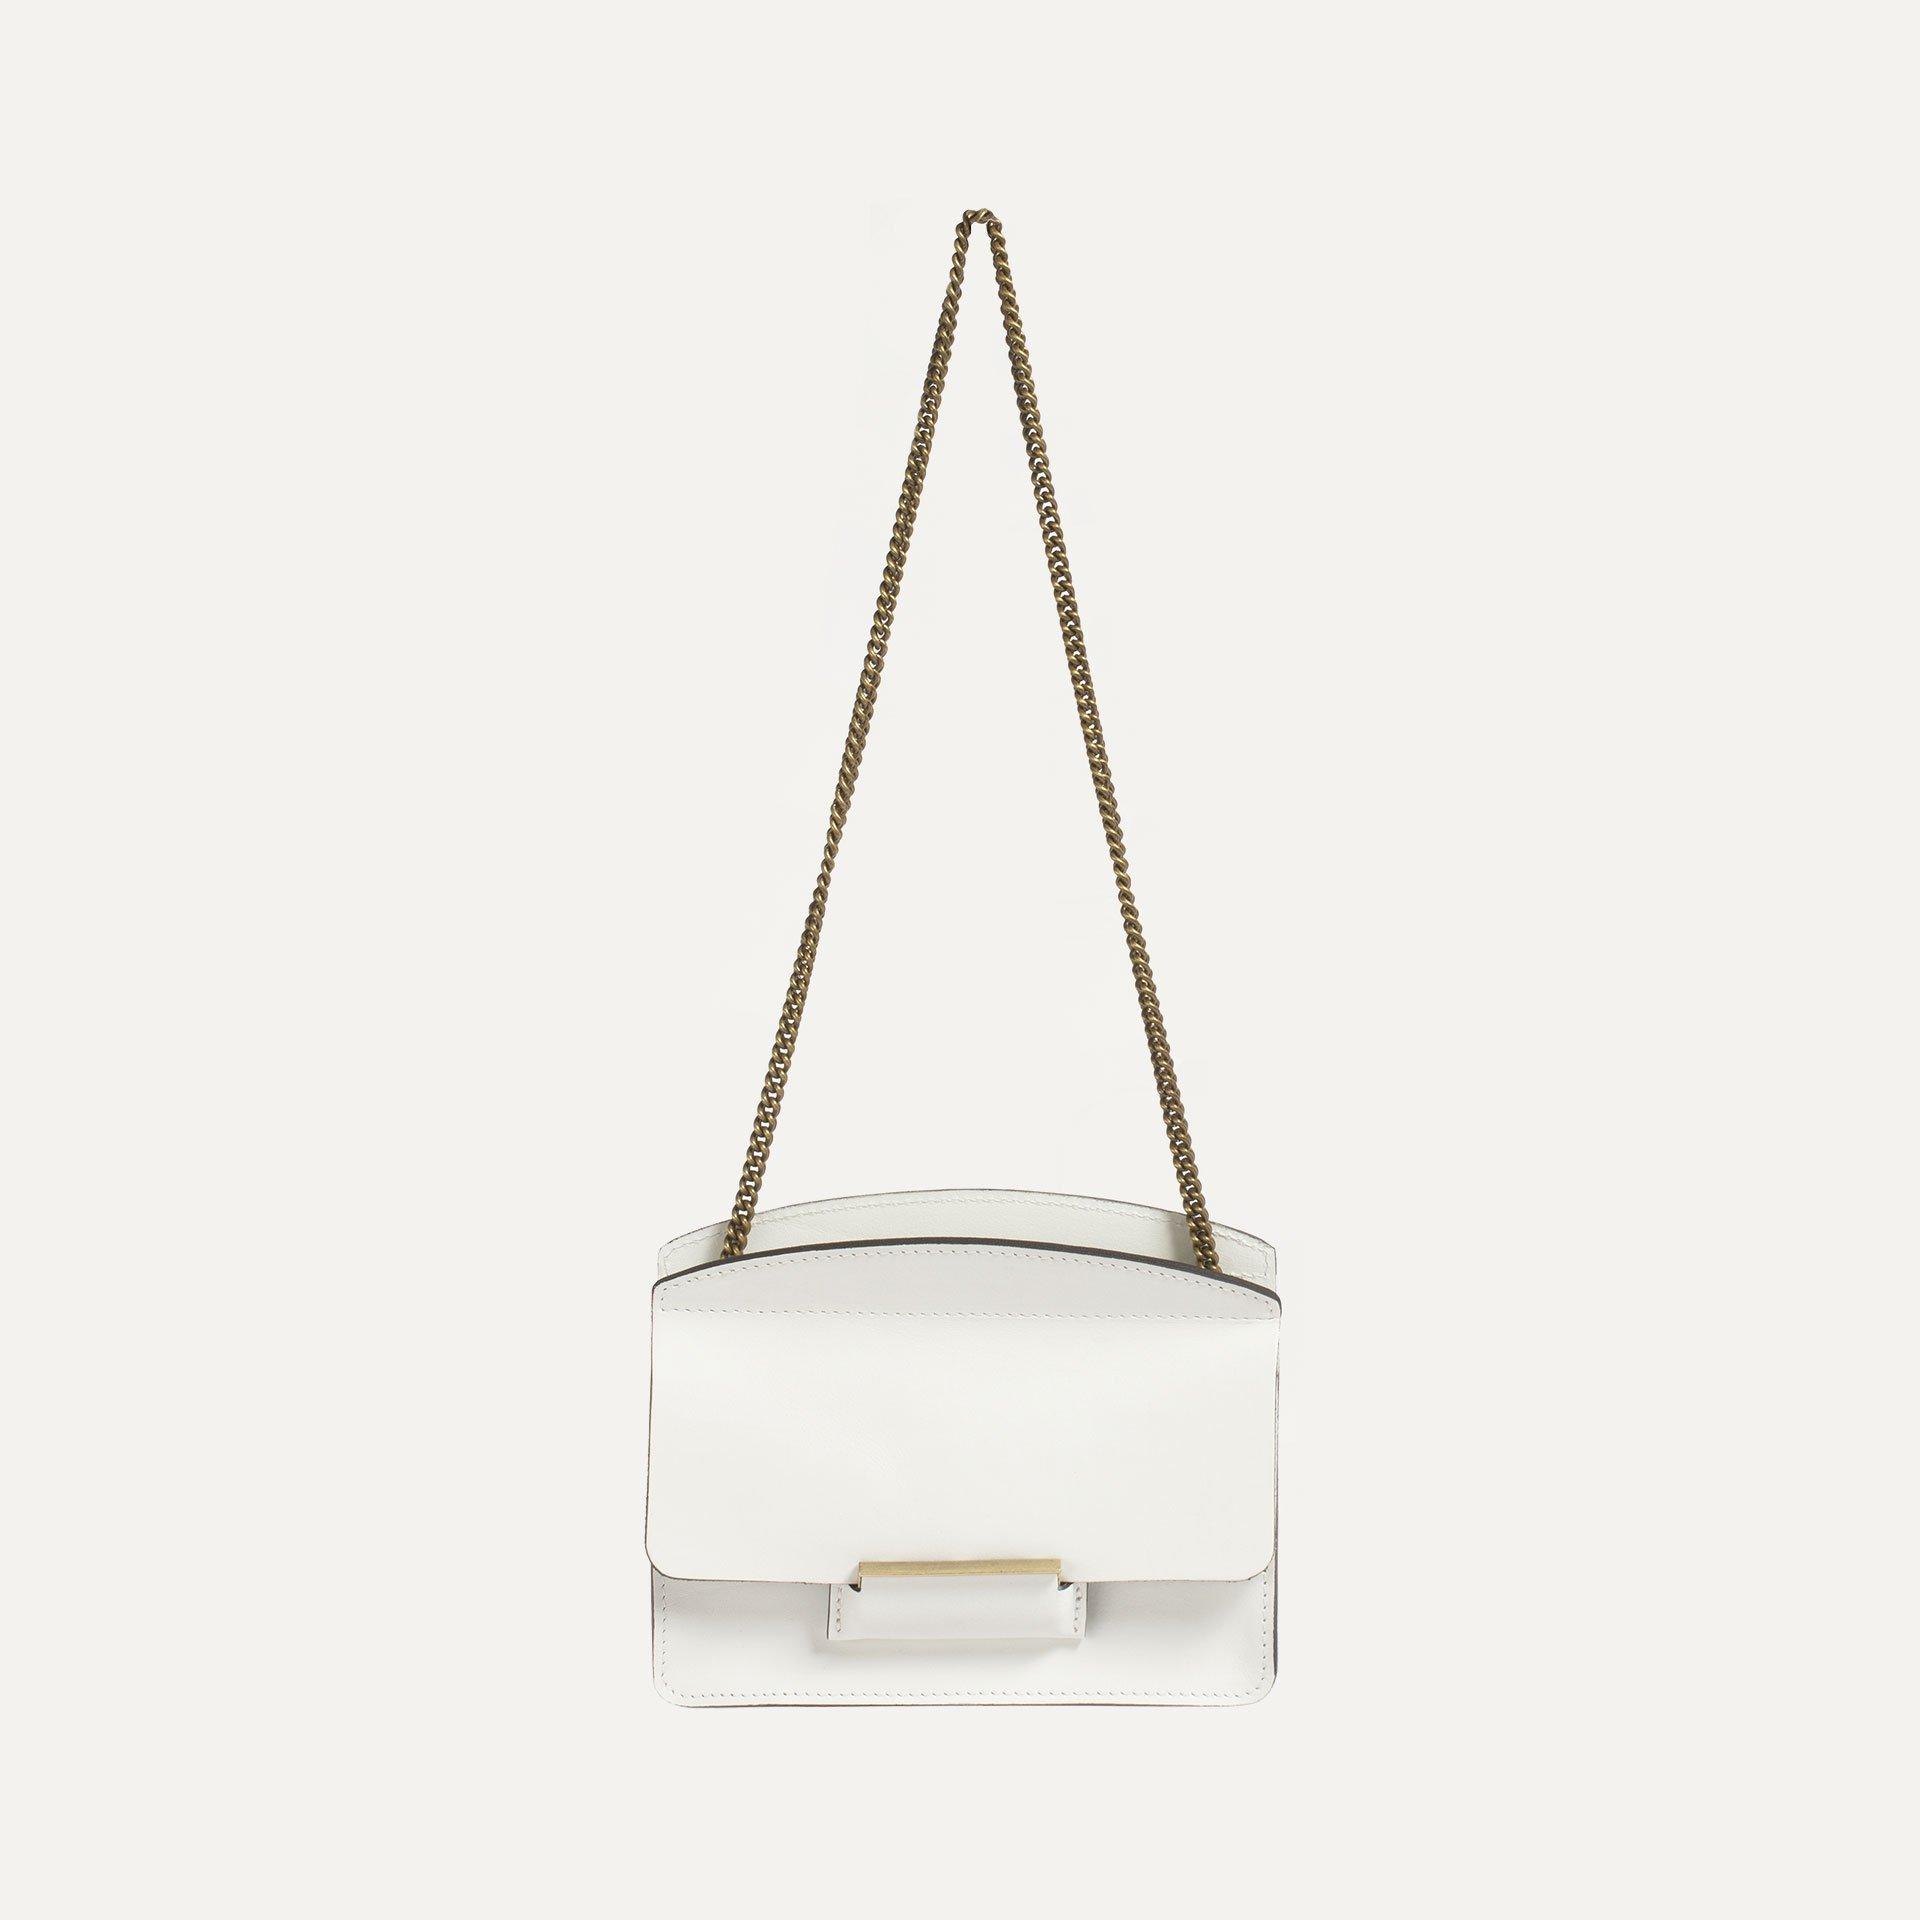 Origami XS clutch bag - White (image n°1)